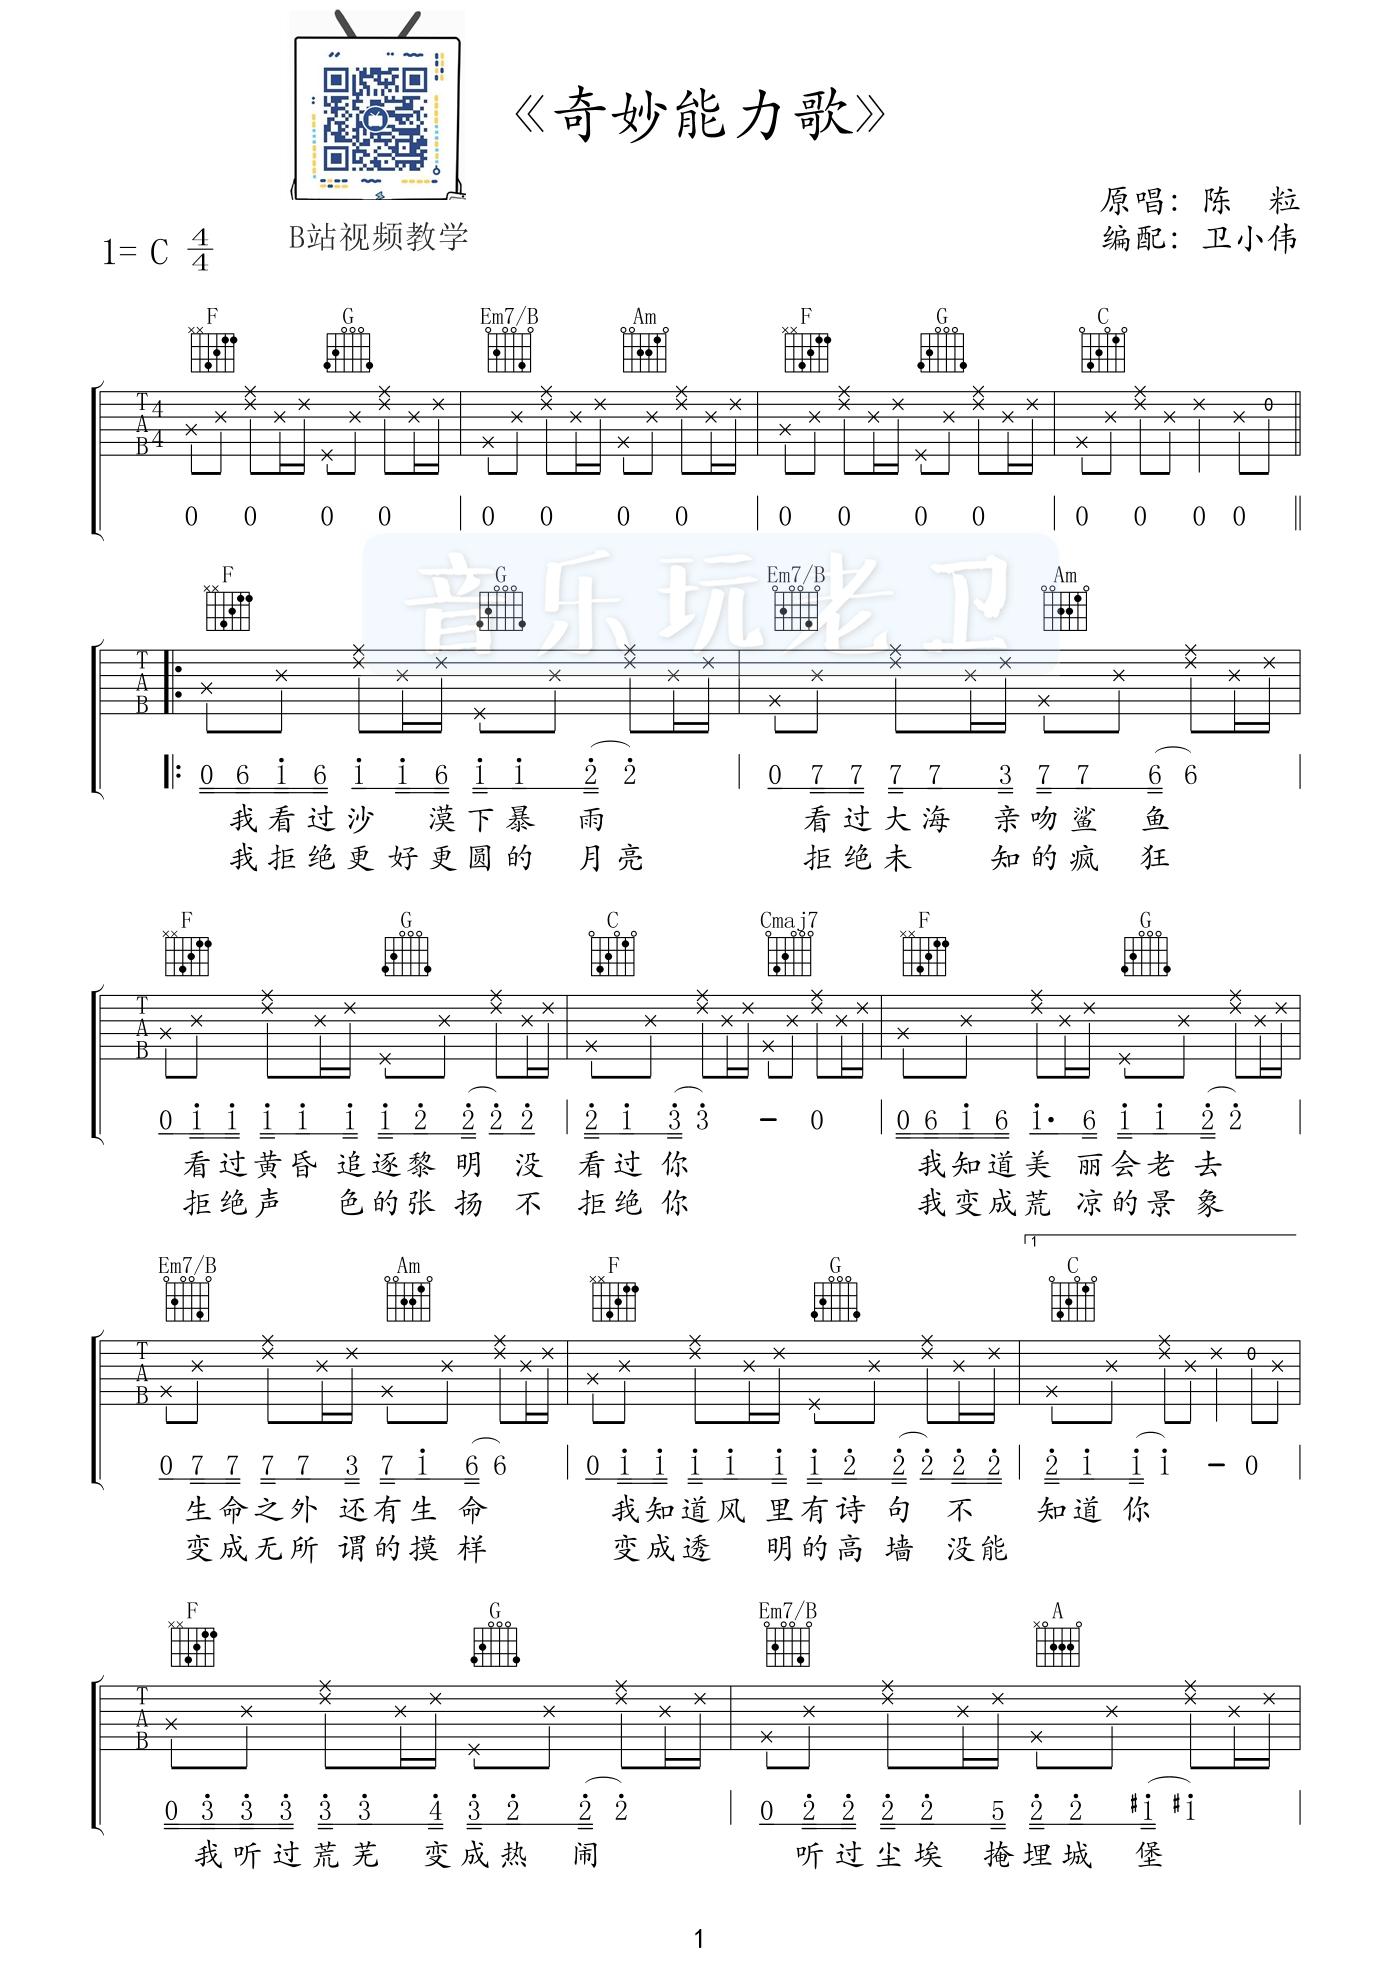 奇妙能力歌-吉他谱-C大调音乐网